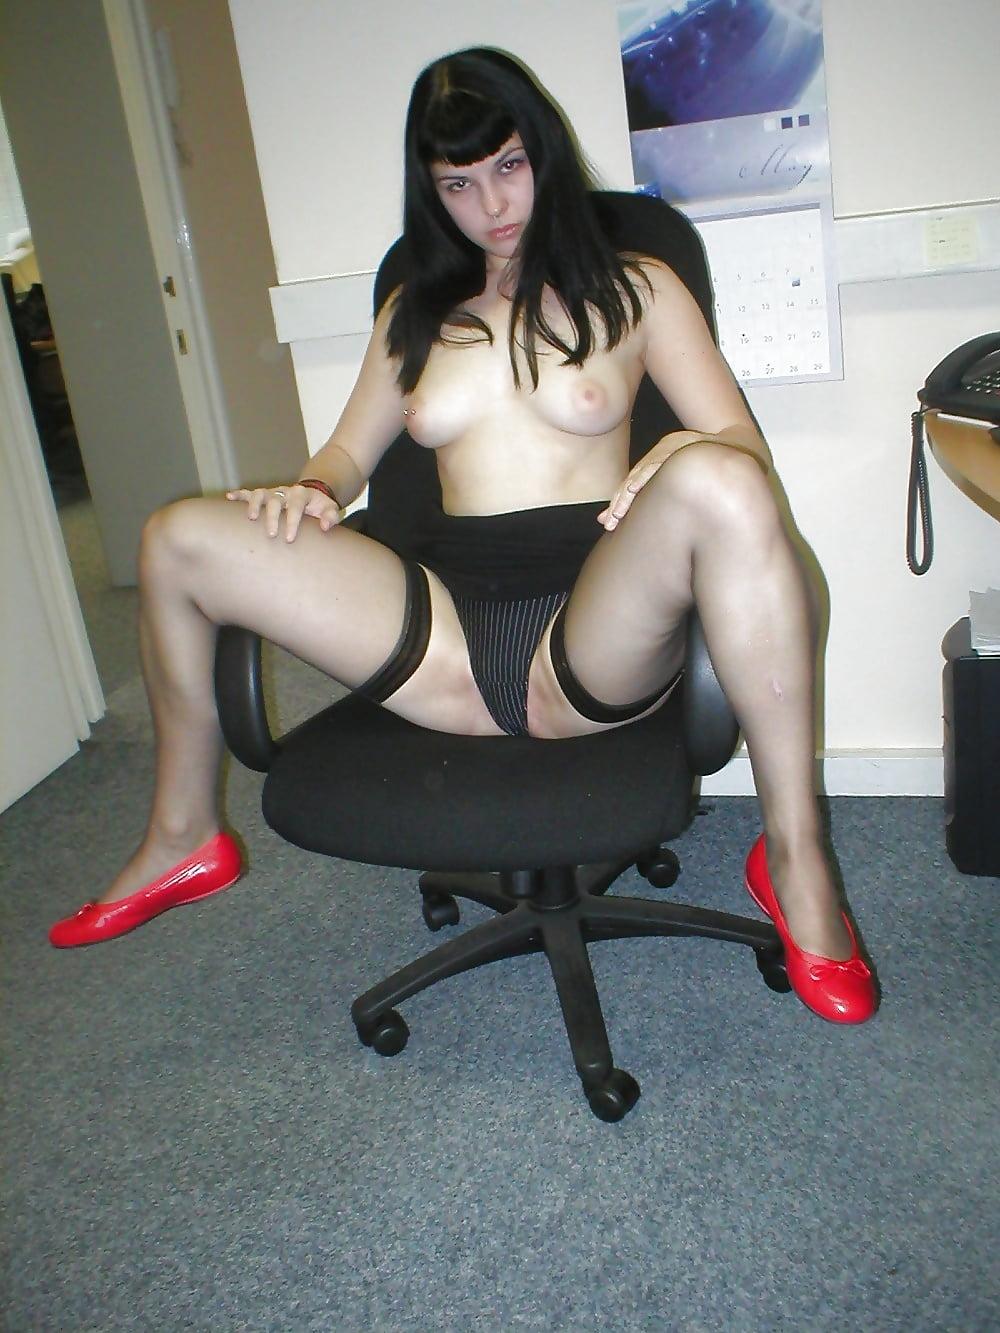 Amateur erotic femdomtures, hd image funny nude girl